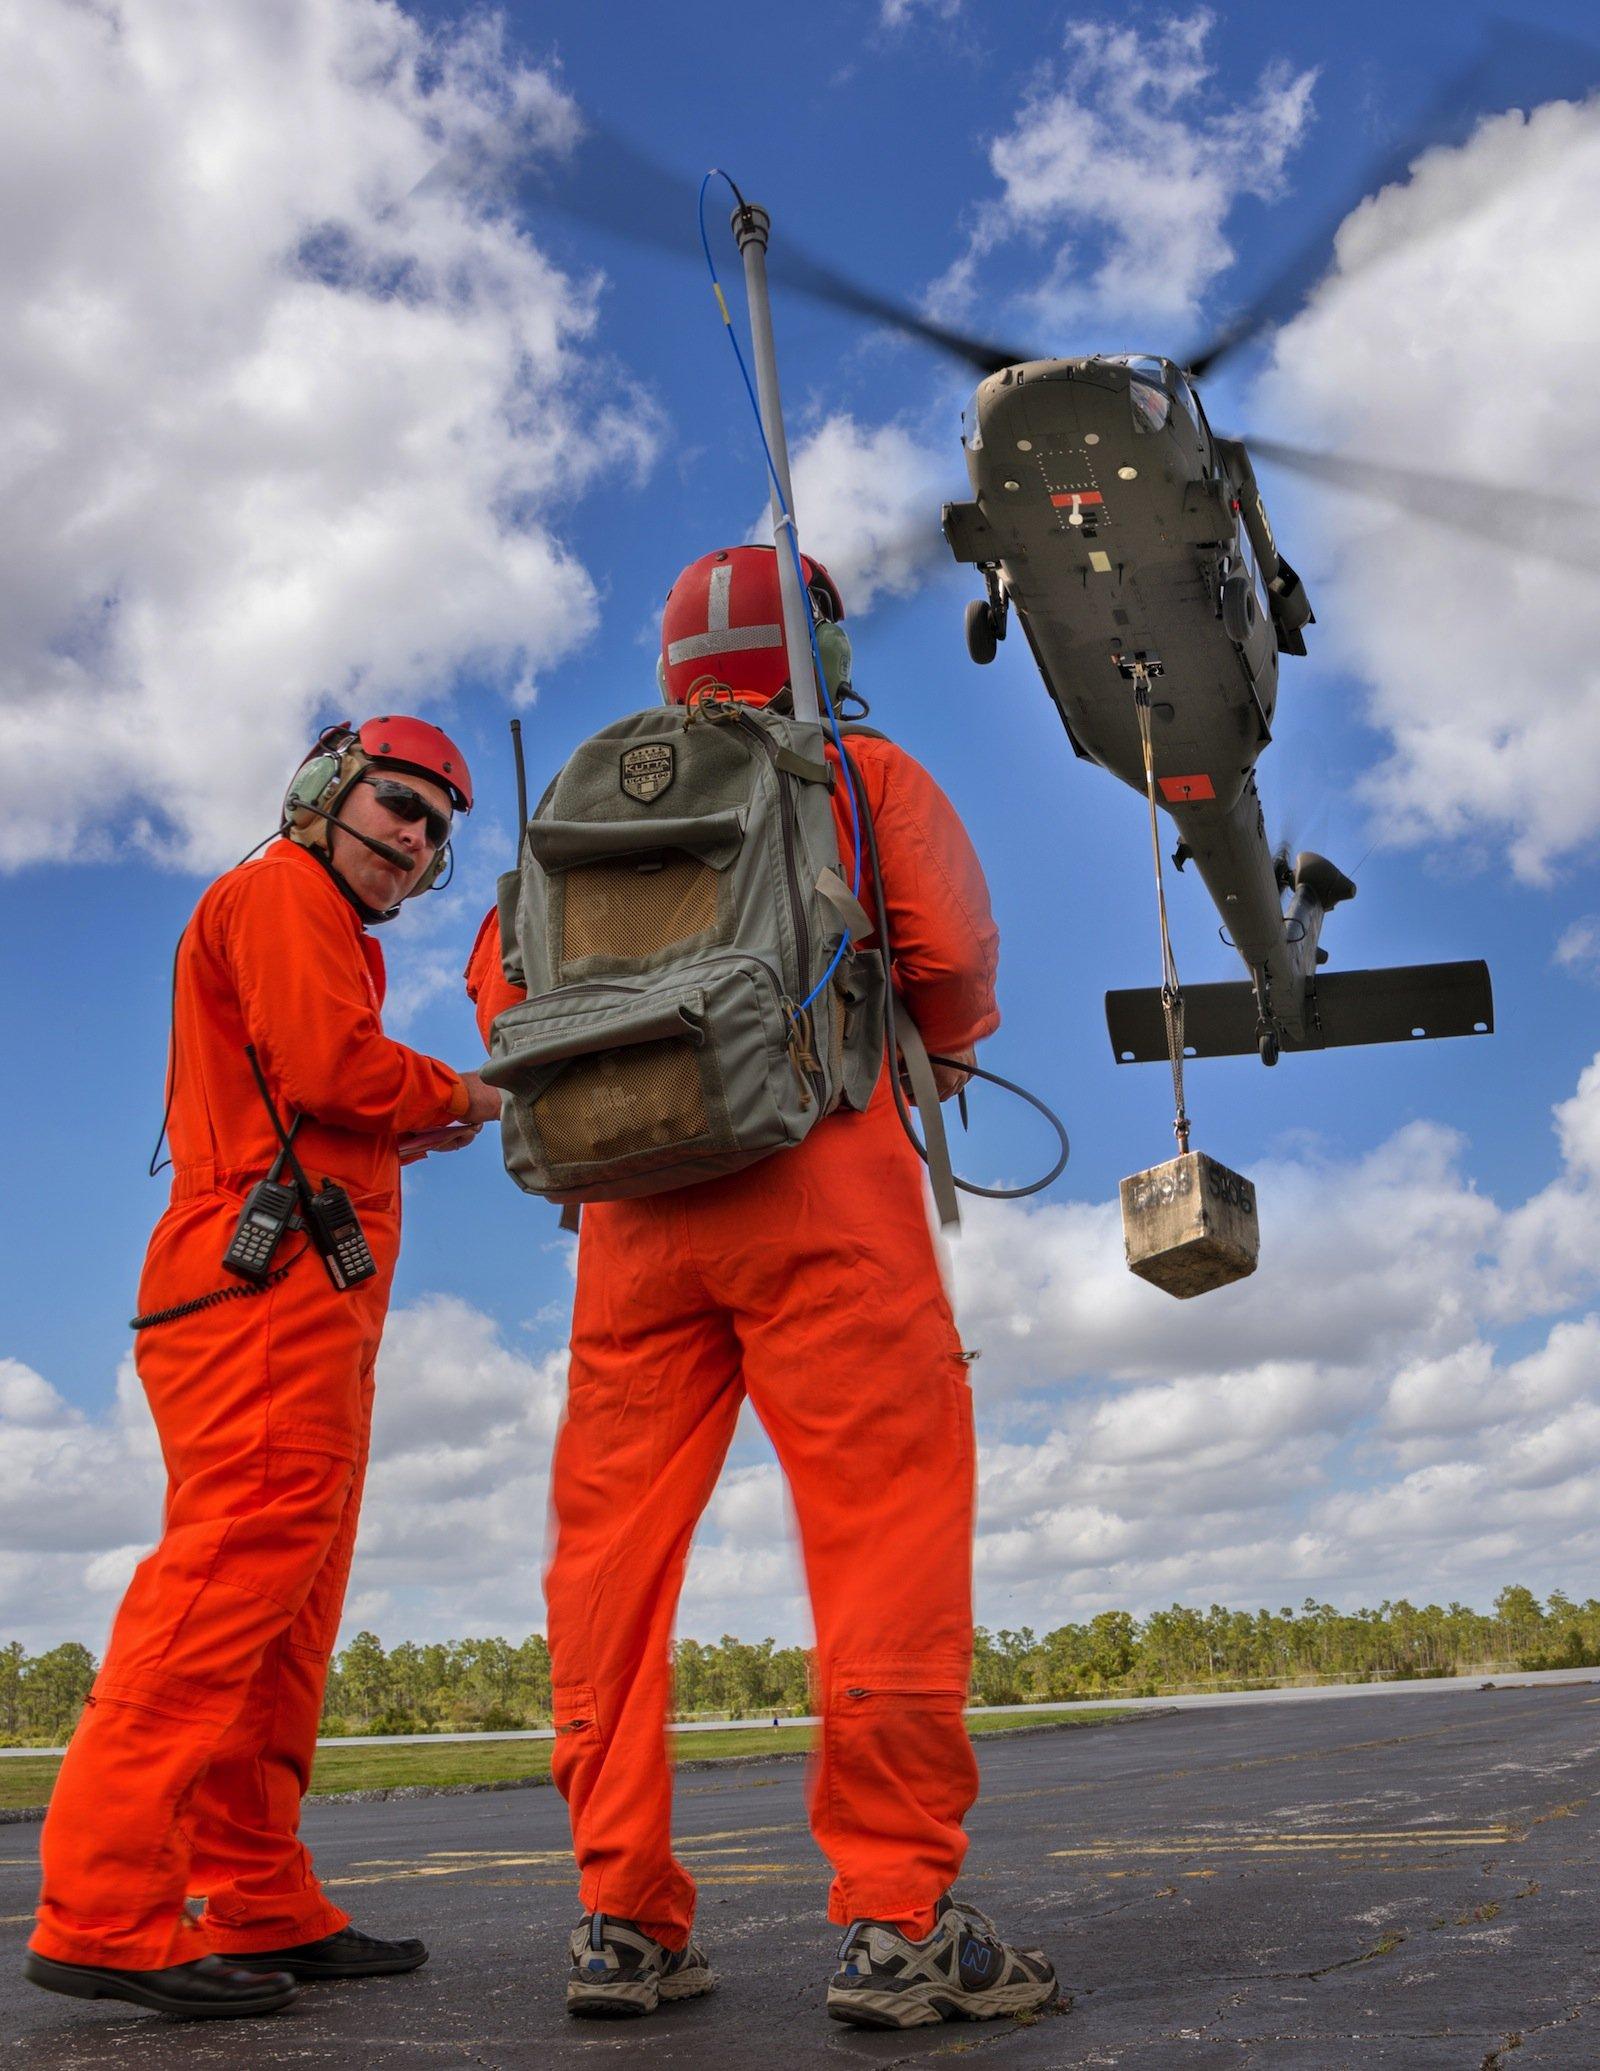 Der erste unbemannte Flug mit einem Black-Hawk-Helikopter auf dem Sikorsky-Testgelände.